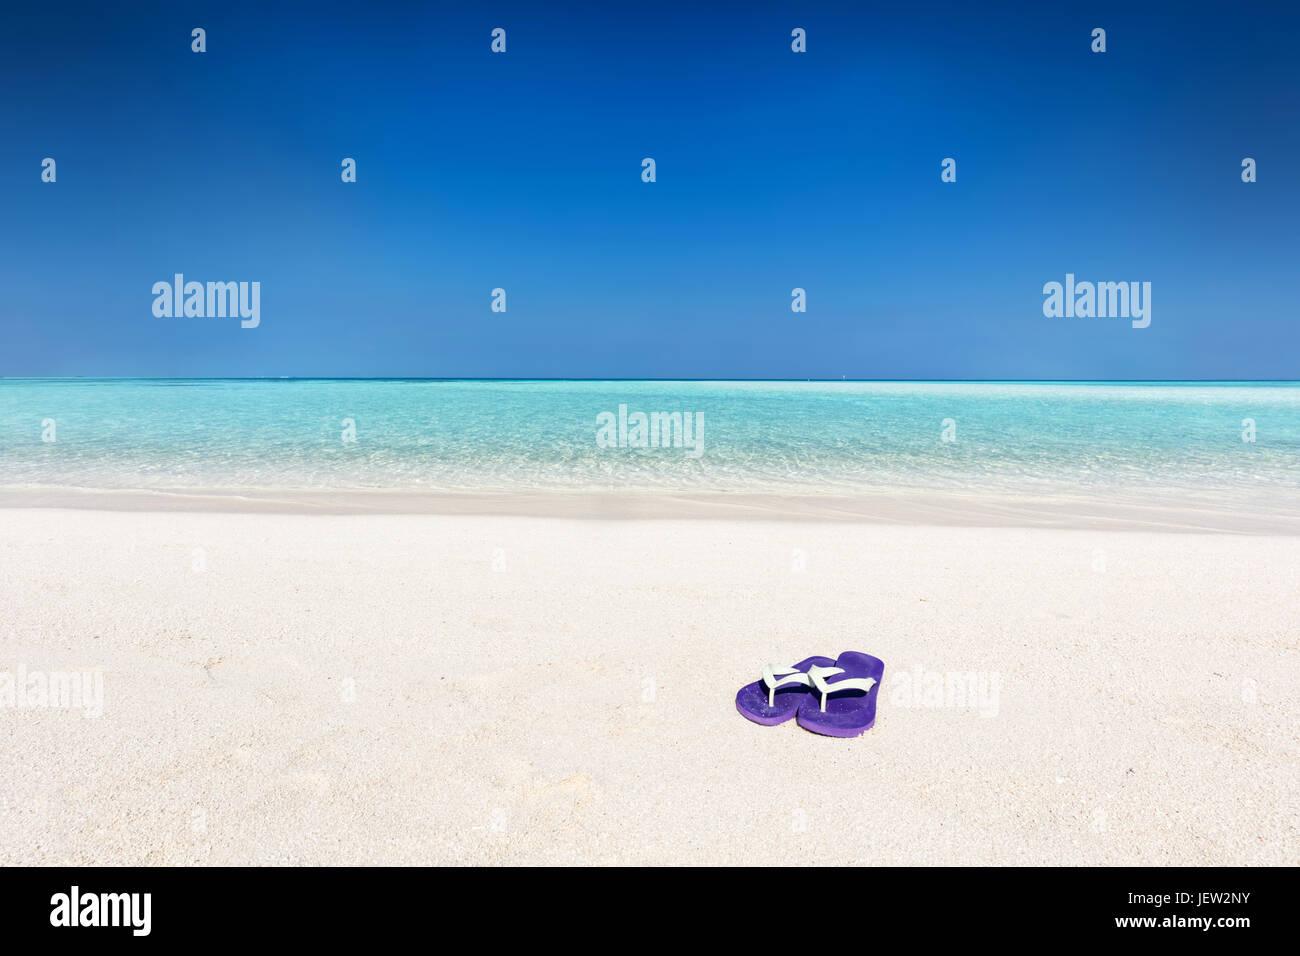 Flip-flop sulla sabbia sulla spiaggia tropicale, chiaro oceano turchese delle Maldive. Le vacanze, per i viaggi Immagini Stock